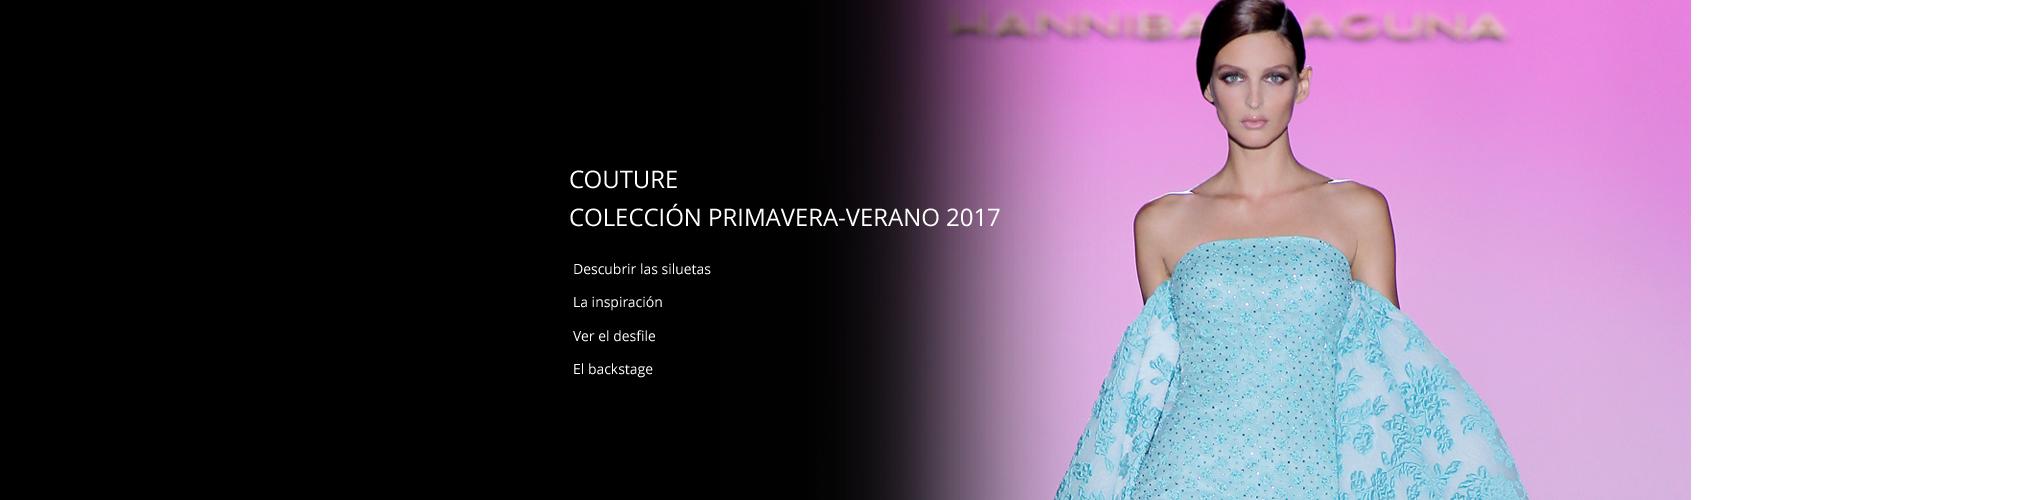 Vestidos de Fiesta - Colecciones Hannibal Laguna